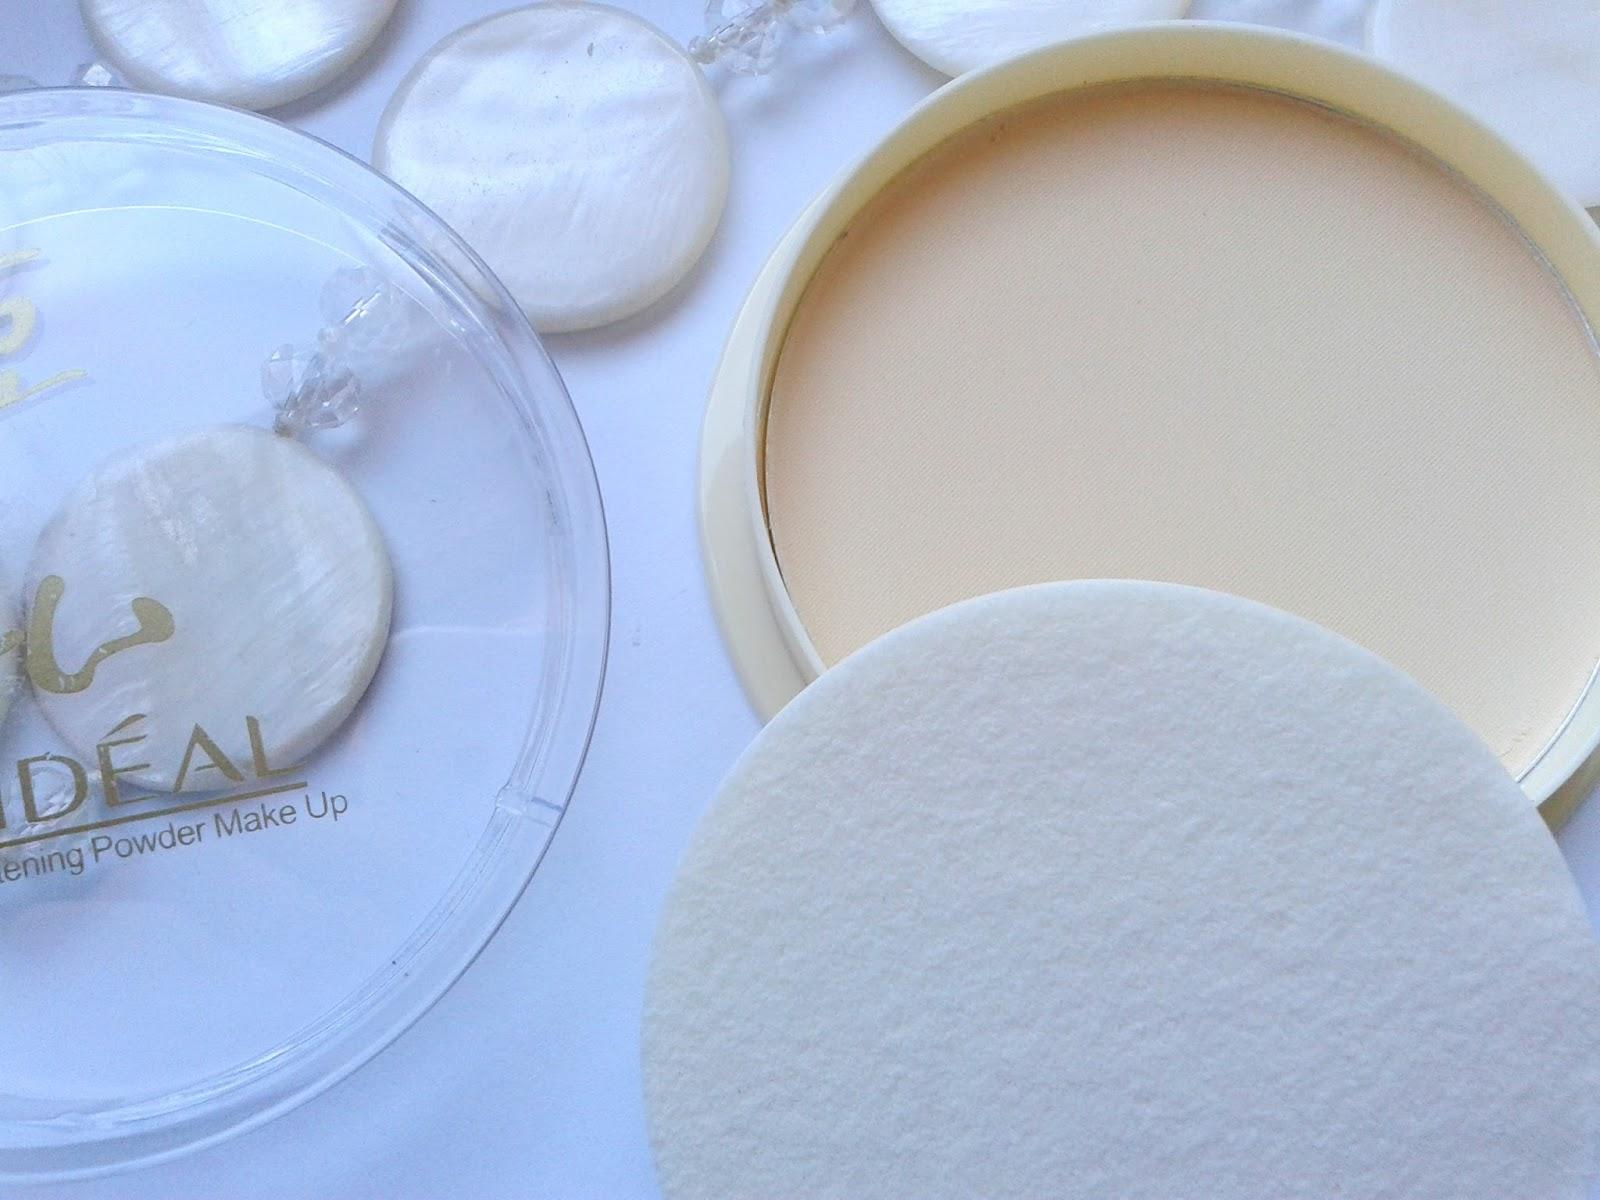 lideal azjatycki puder wybielający whitening powder